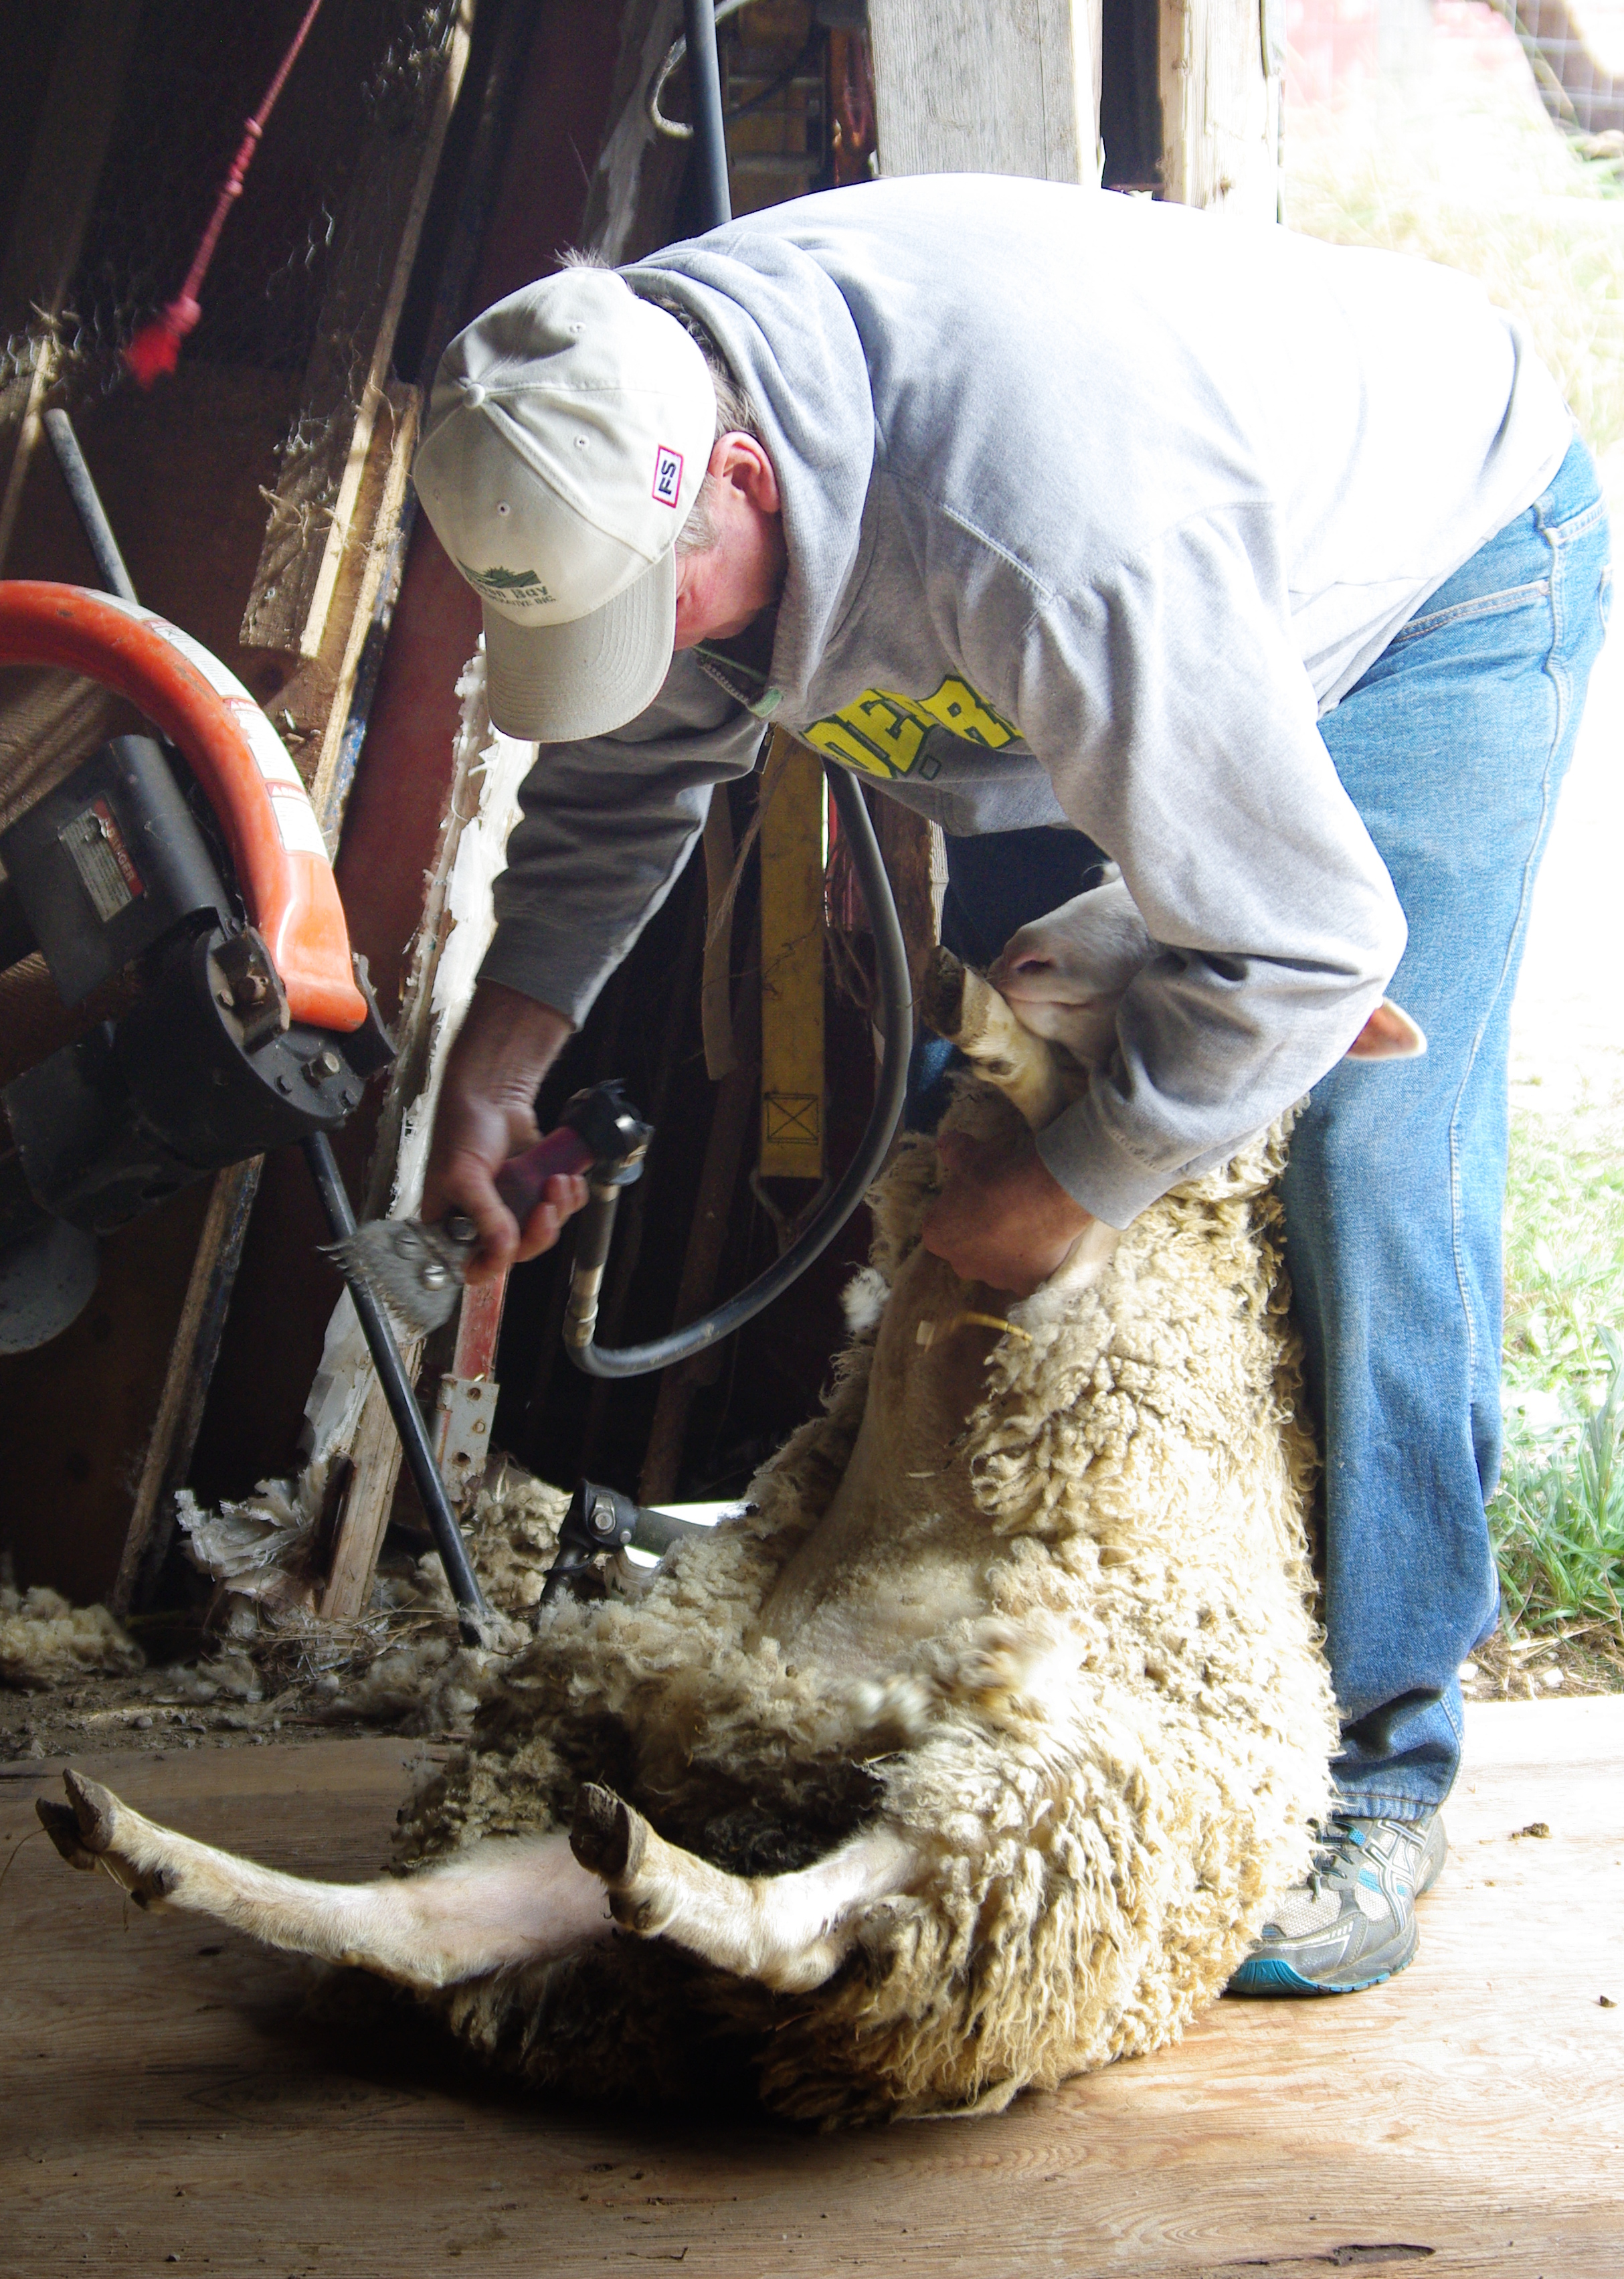 Dufferin Sheep Farmer